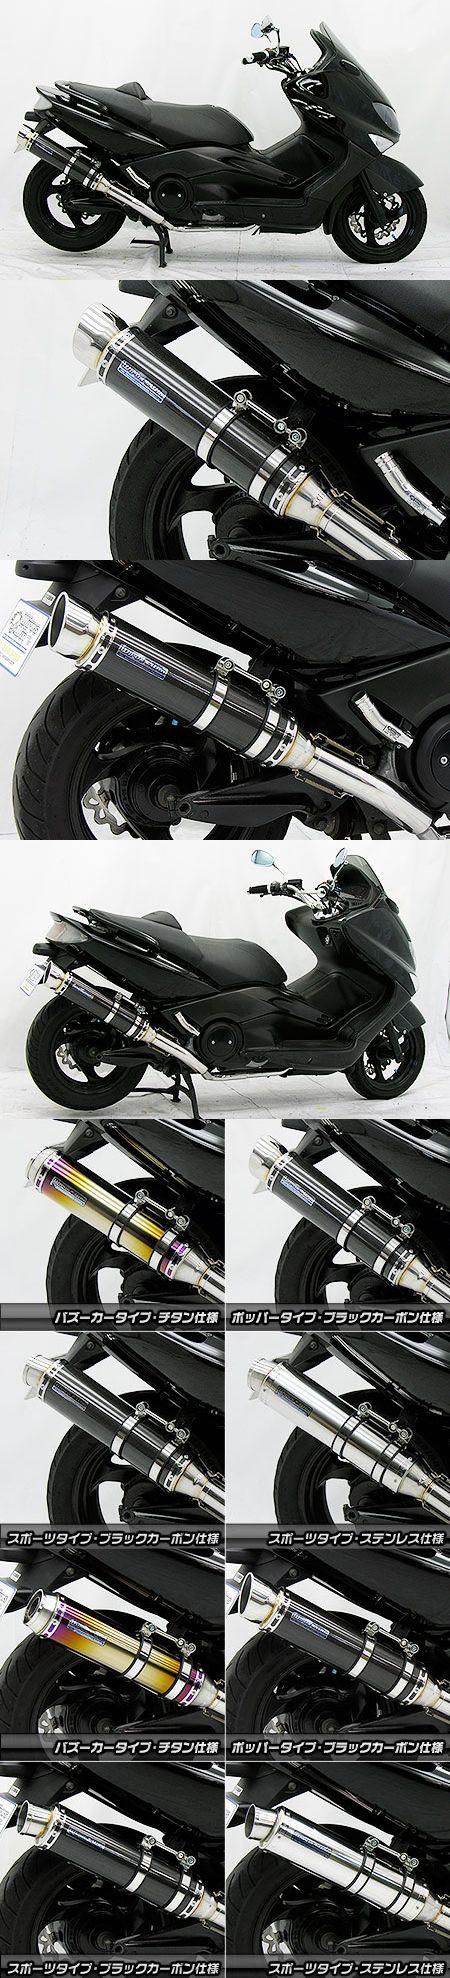 Dynamic全段排氣管 黑色碳纖維款式 Popper型